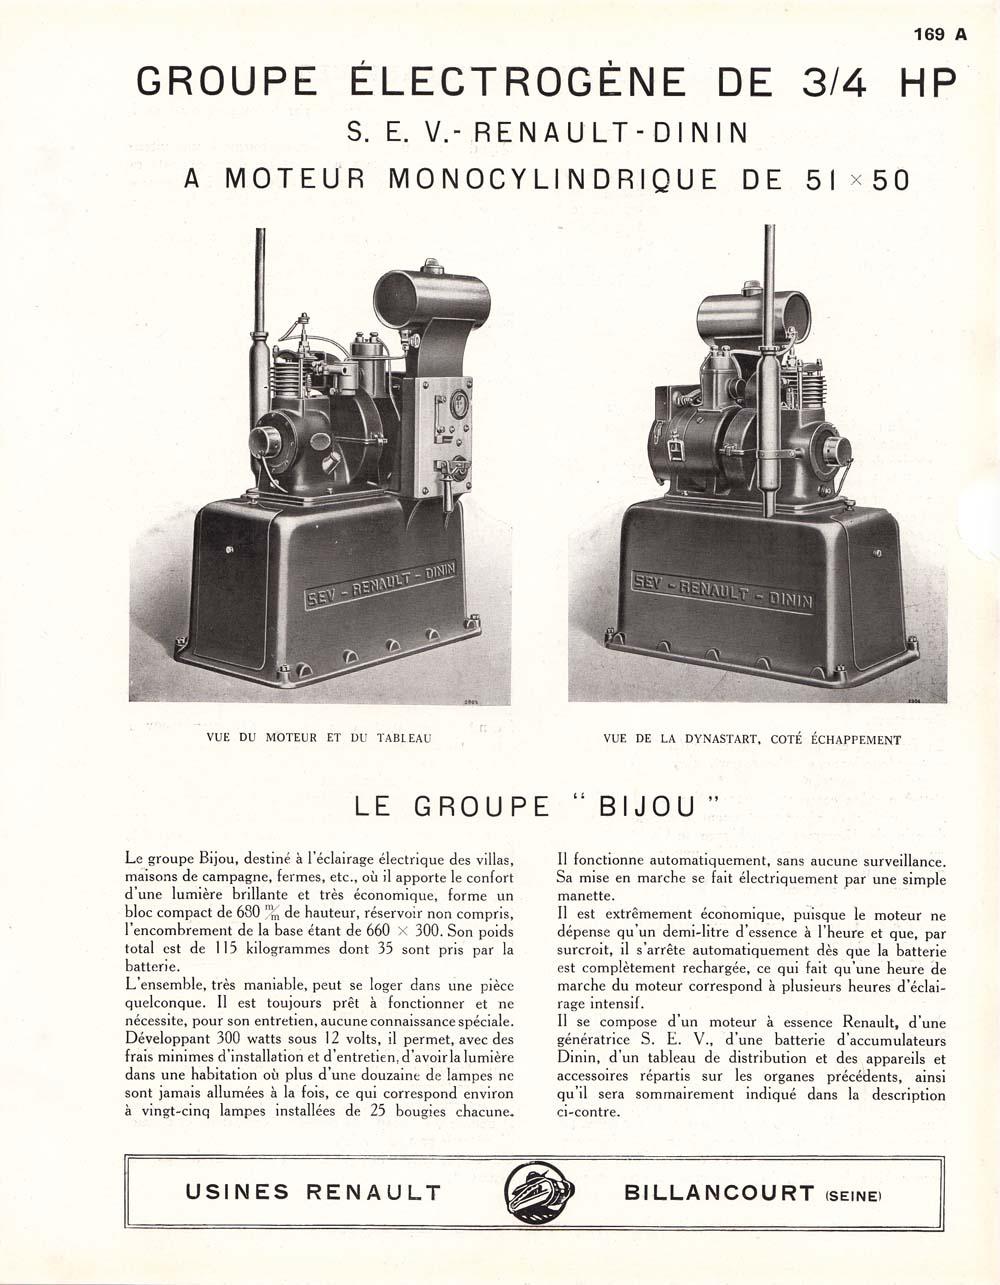 moteur_monocylindre_51_50_1